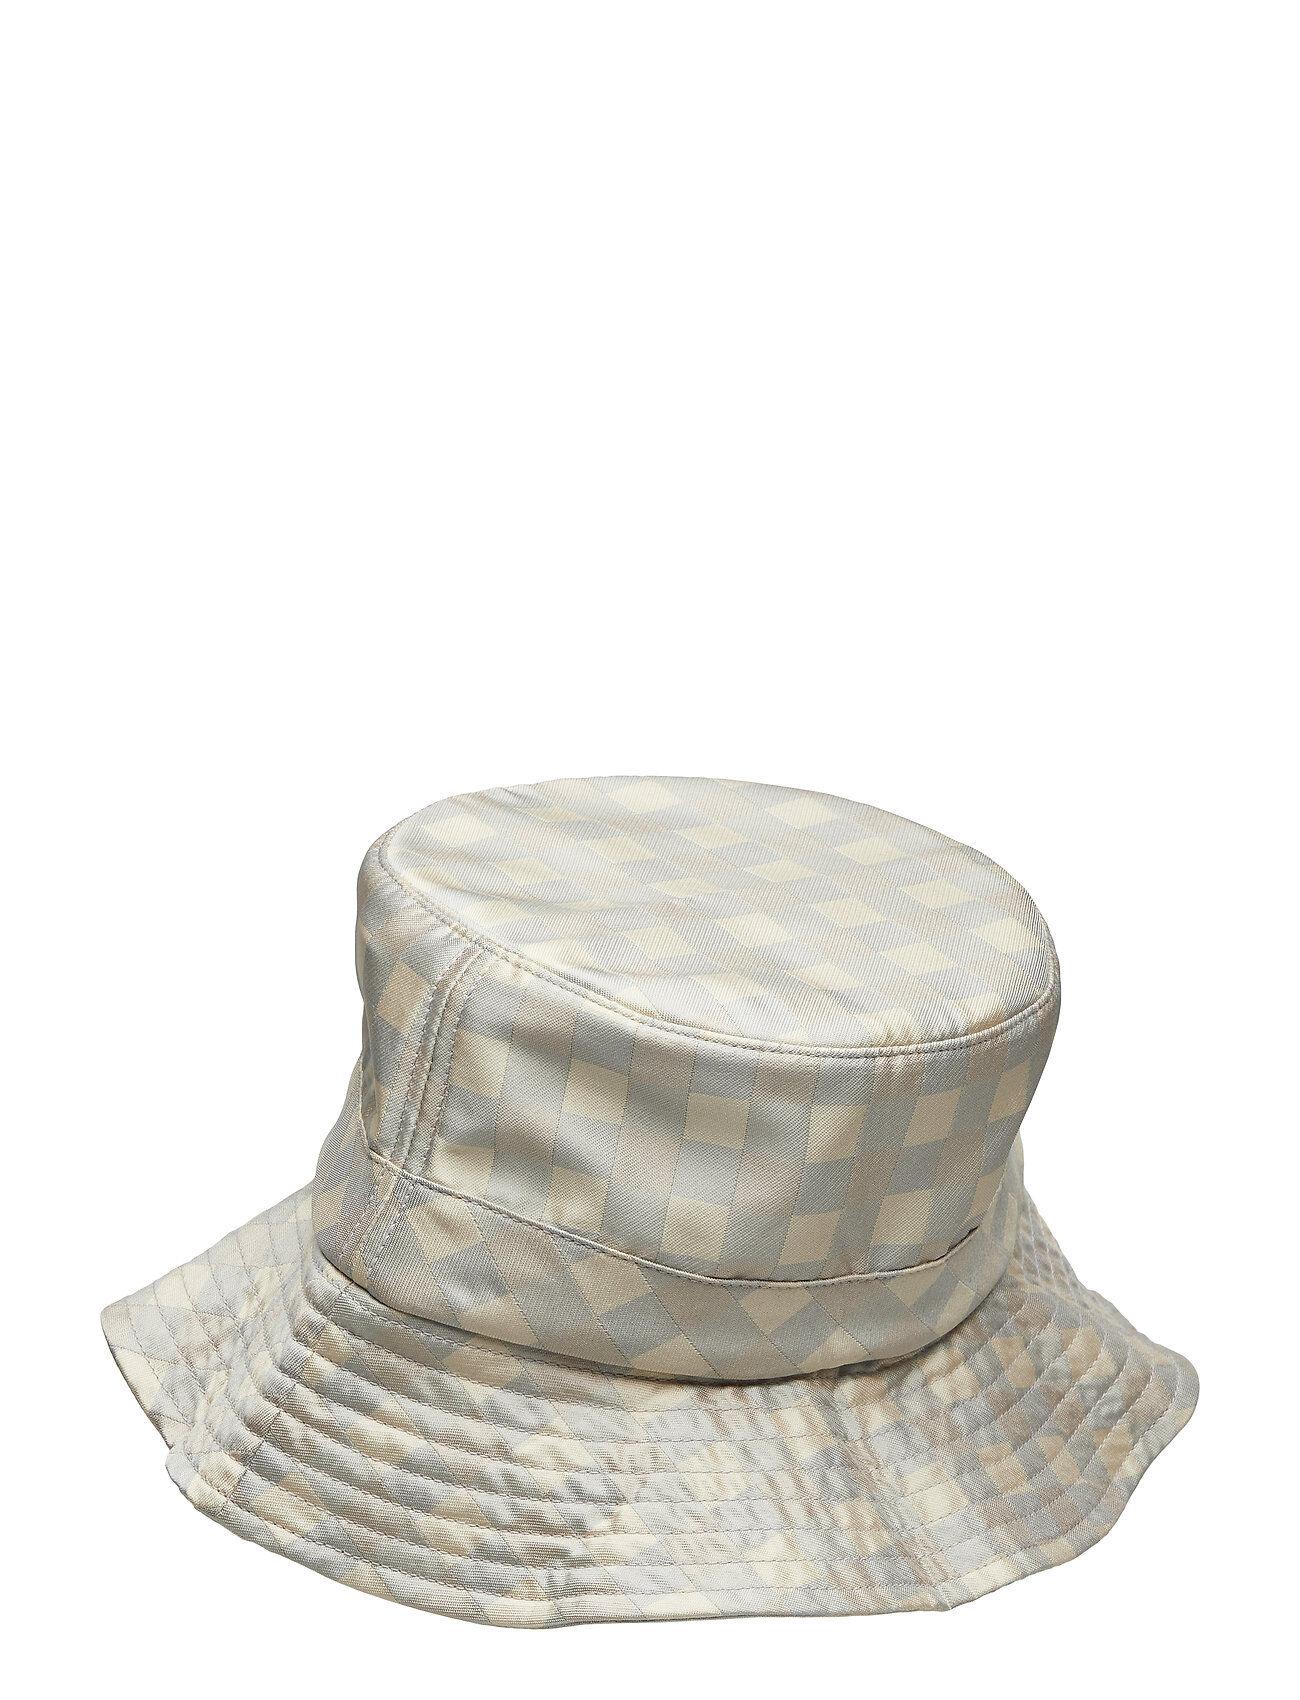 STINE GOYA Bucket Hat, Mikado Checks